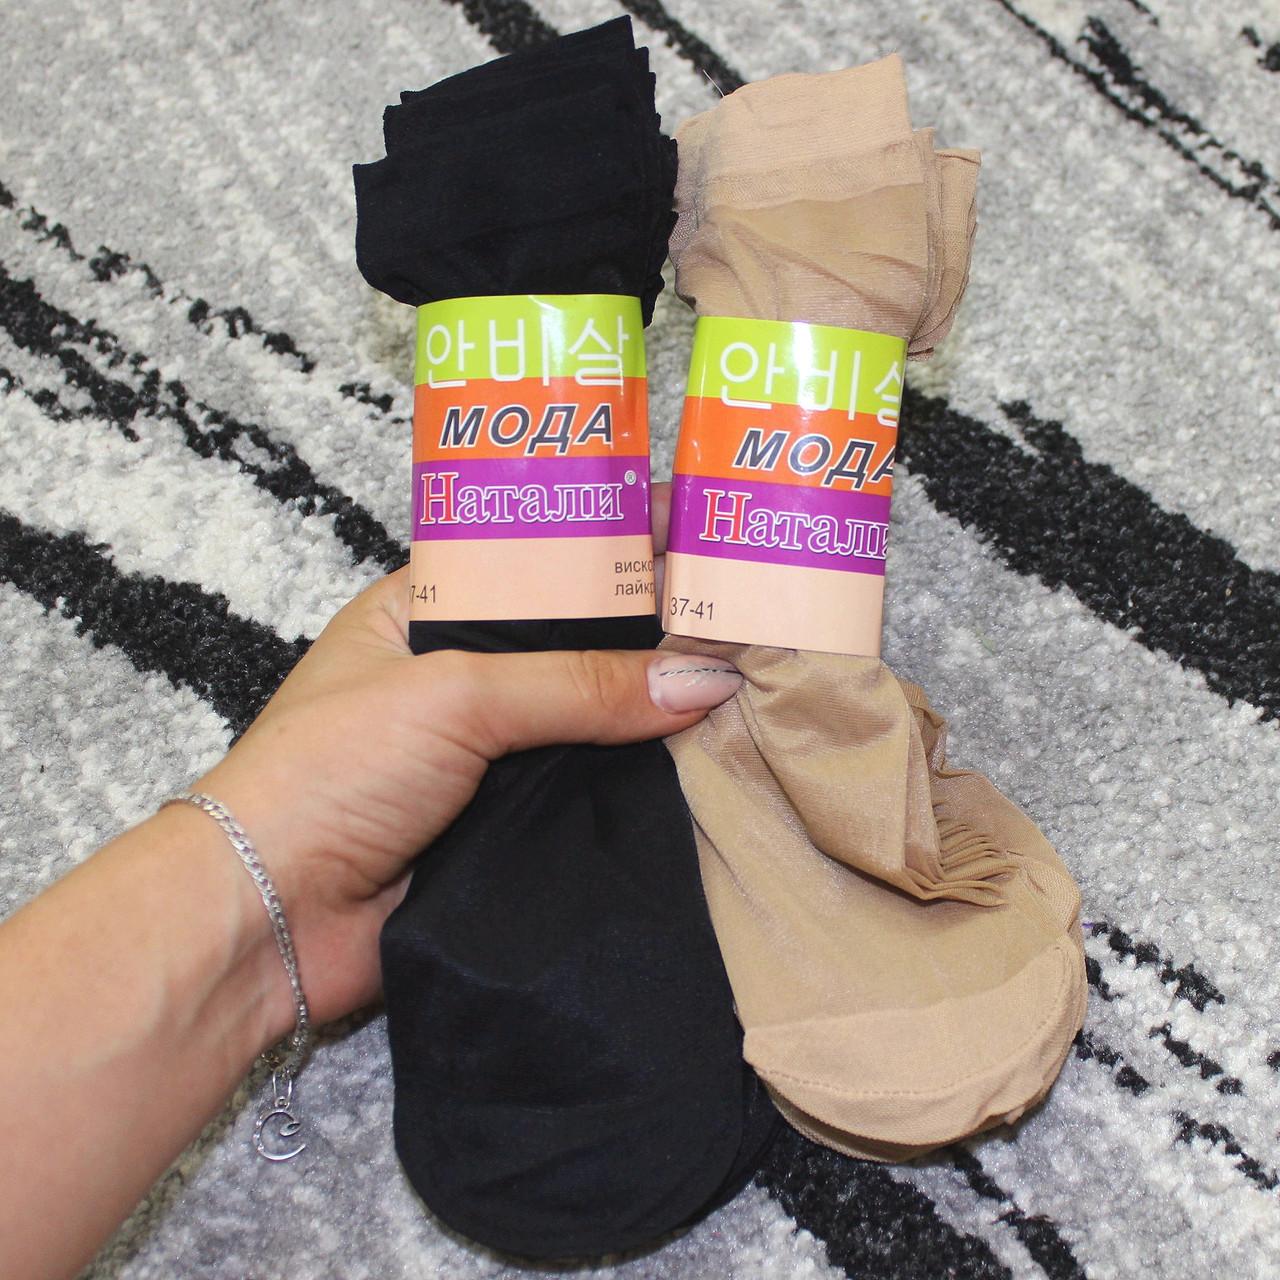 Носочки женские капроновые 208 (уп. 10 пар) цена за упаковку.